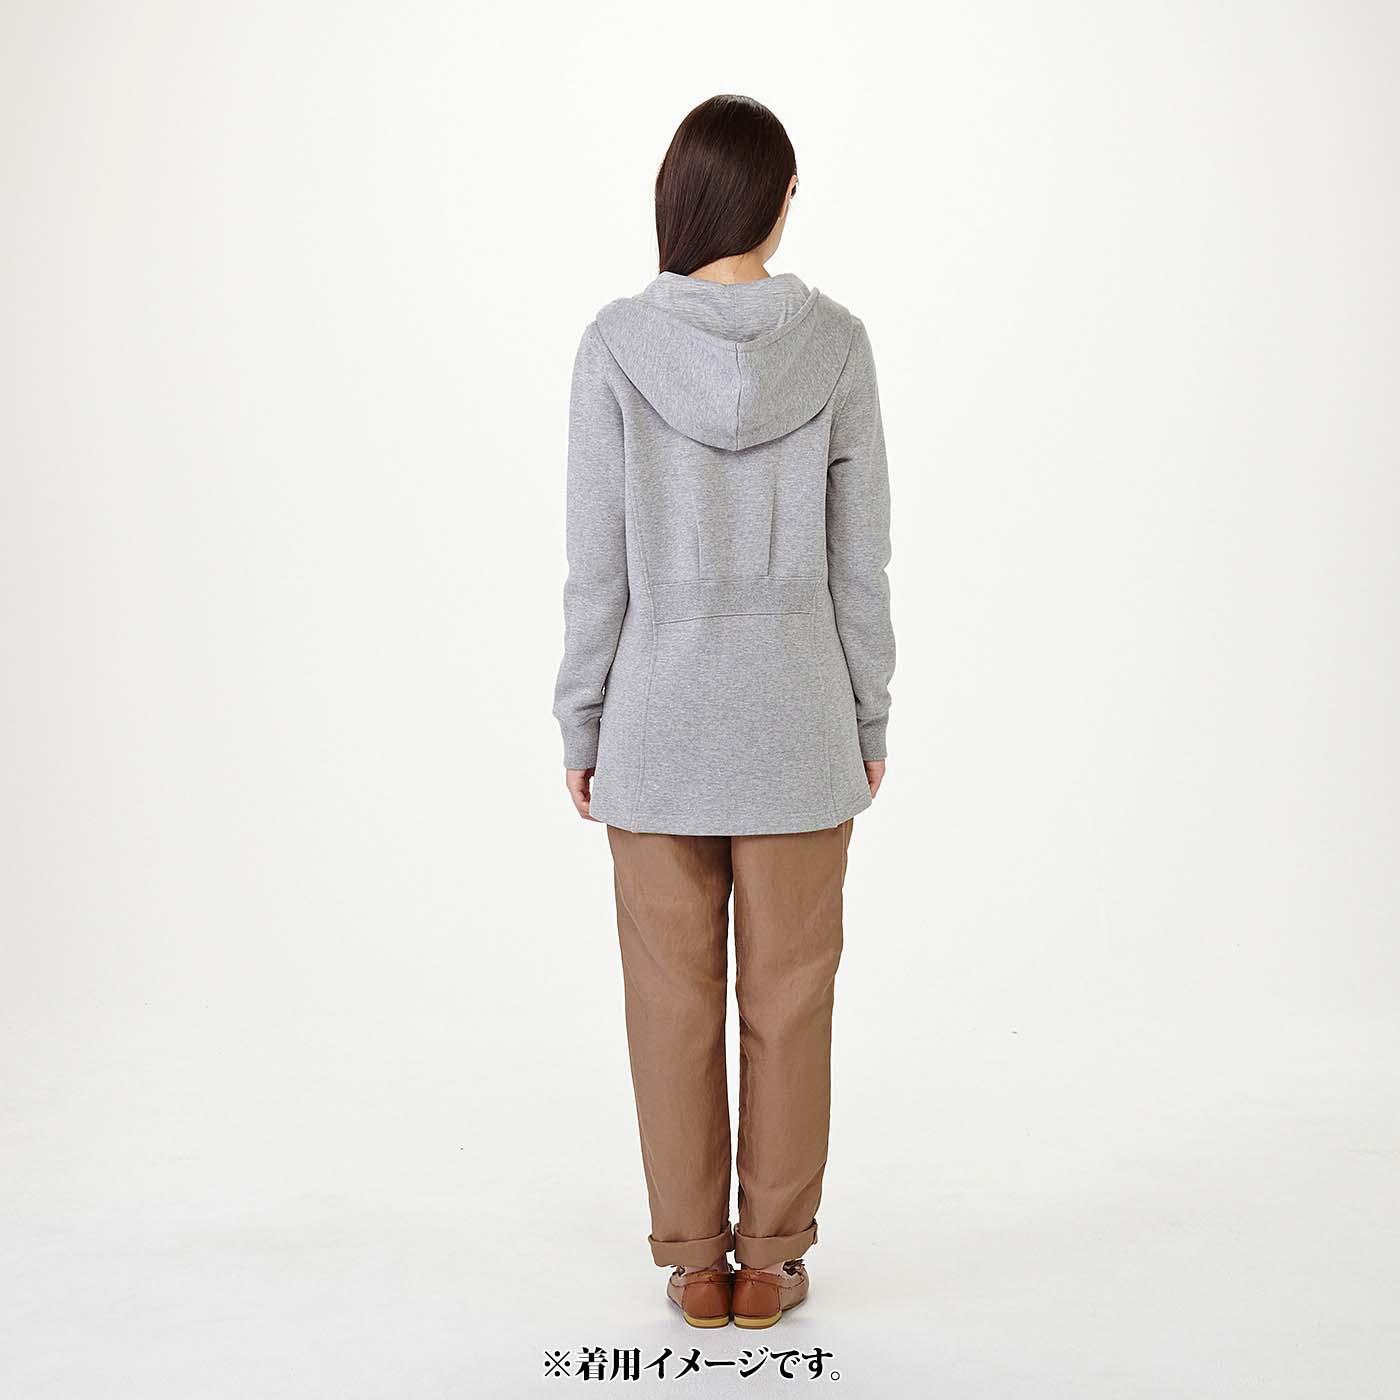 モデル身長約165cm 着用サイズM おしりまわりが隠れる長め丈。